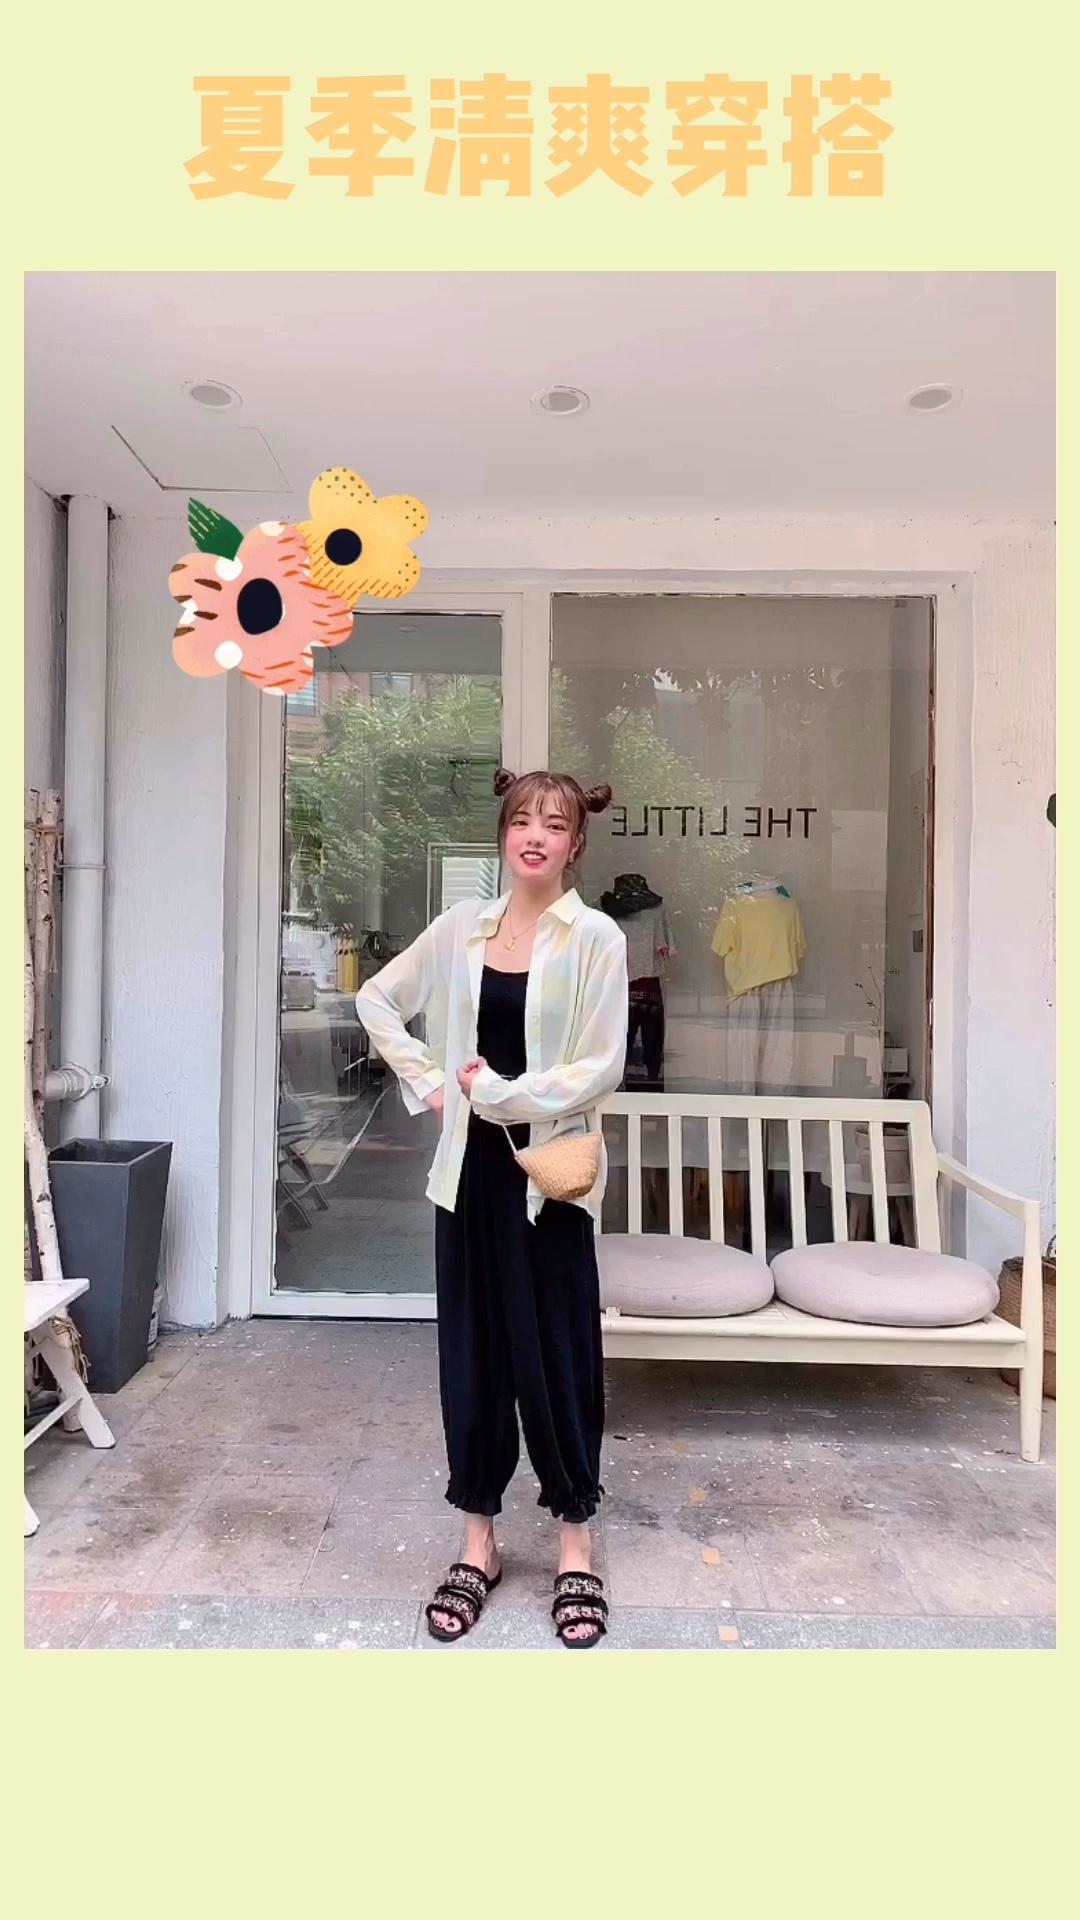 #仙女色系get,谁穿谁美# 一眼就爱上的扎染防晒衫,黄绿色真的太美了,而且面料又很薄,真的好仙的感觉,搭配吊带和灯笼裤有种很精致的感觉哦~